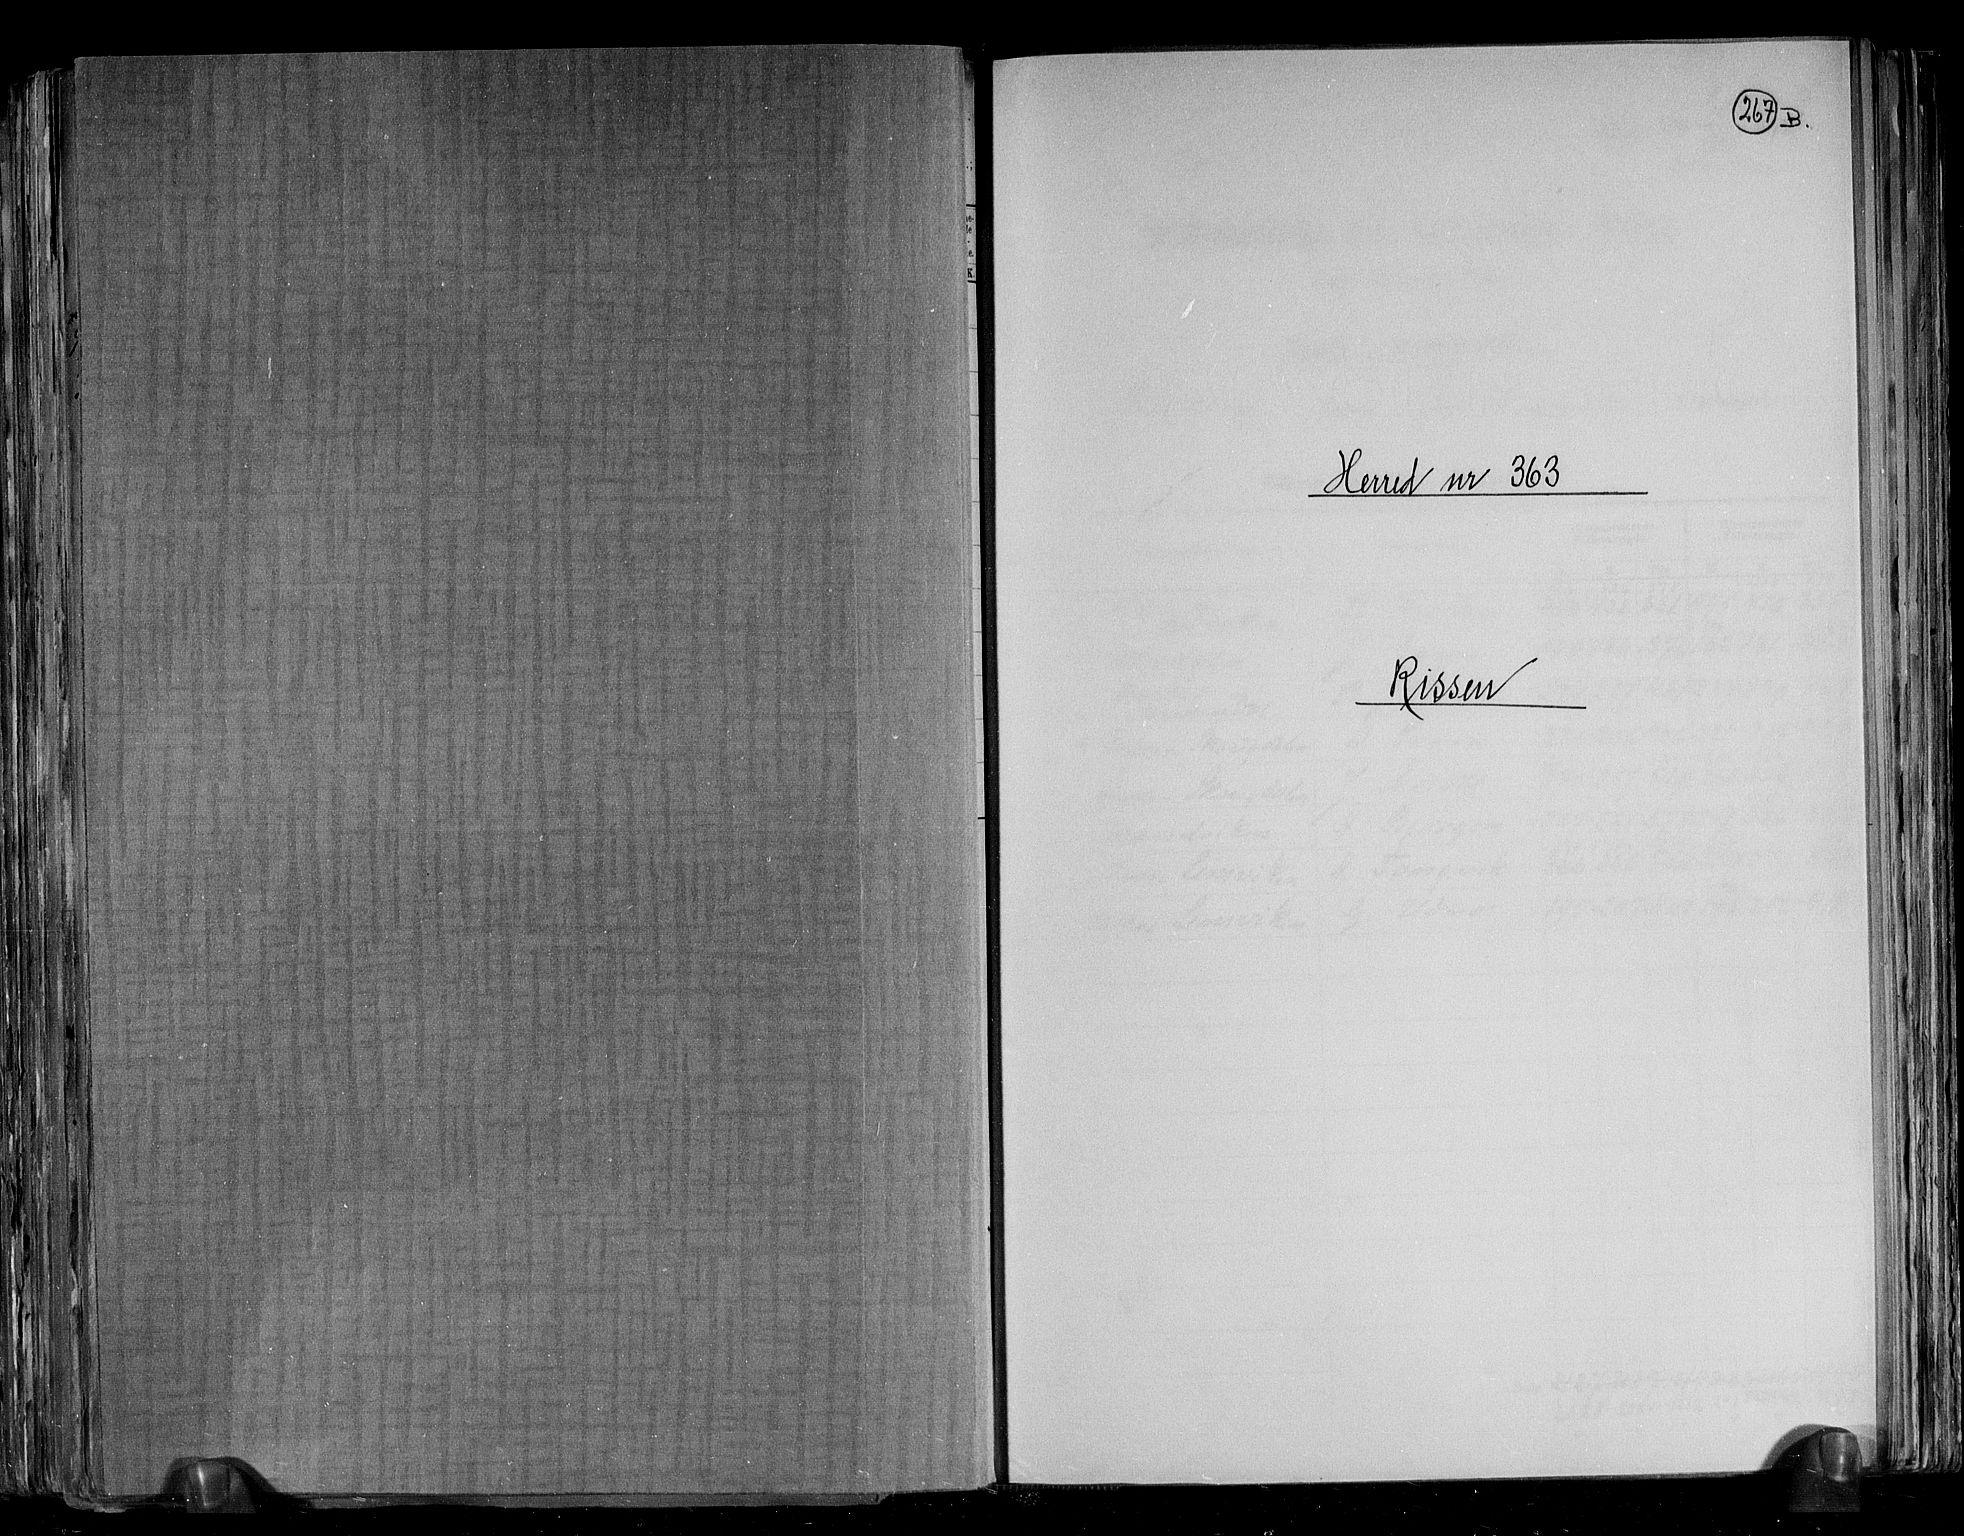 RA, Folketelling 1891 for 1624 Rissa herred, 1891, s. 1